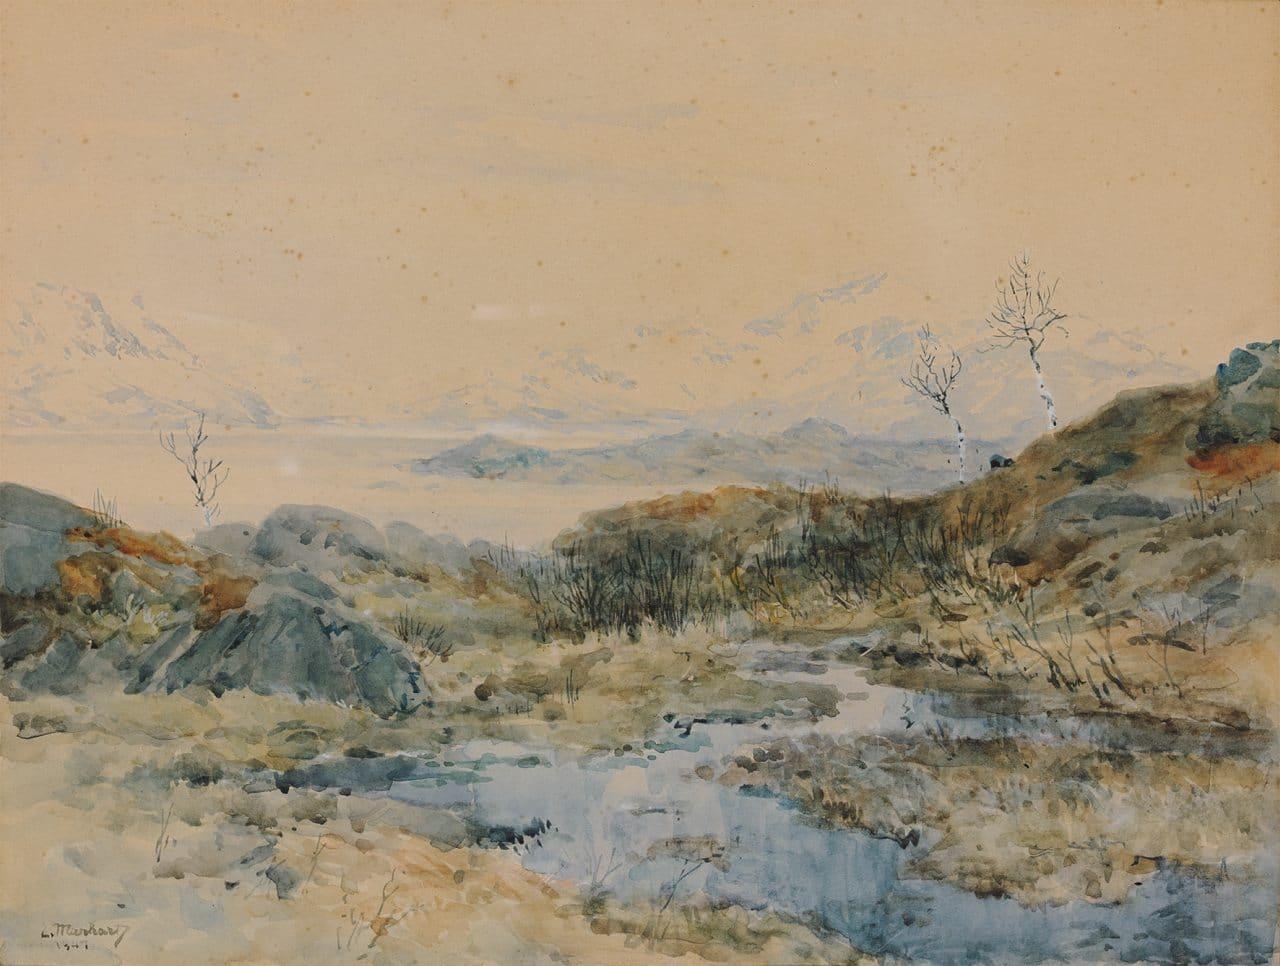 Eduard Manhart, Im Norden von Narvik, 1941, Aquarell, 35x47cm, sig., dat.